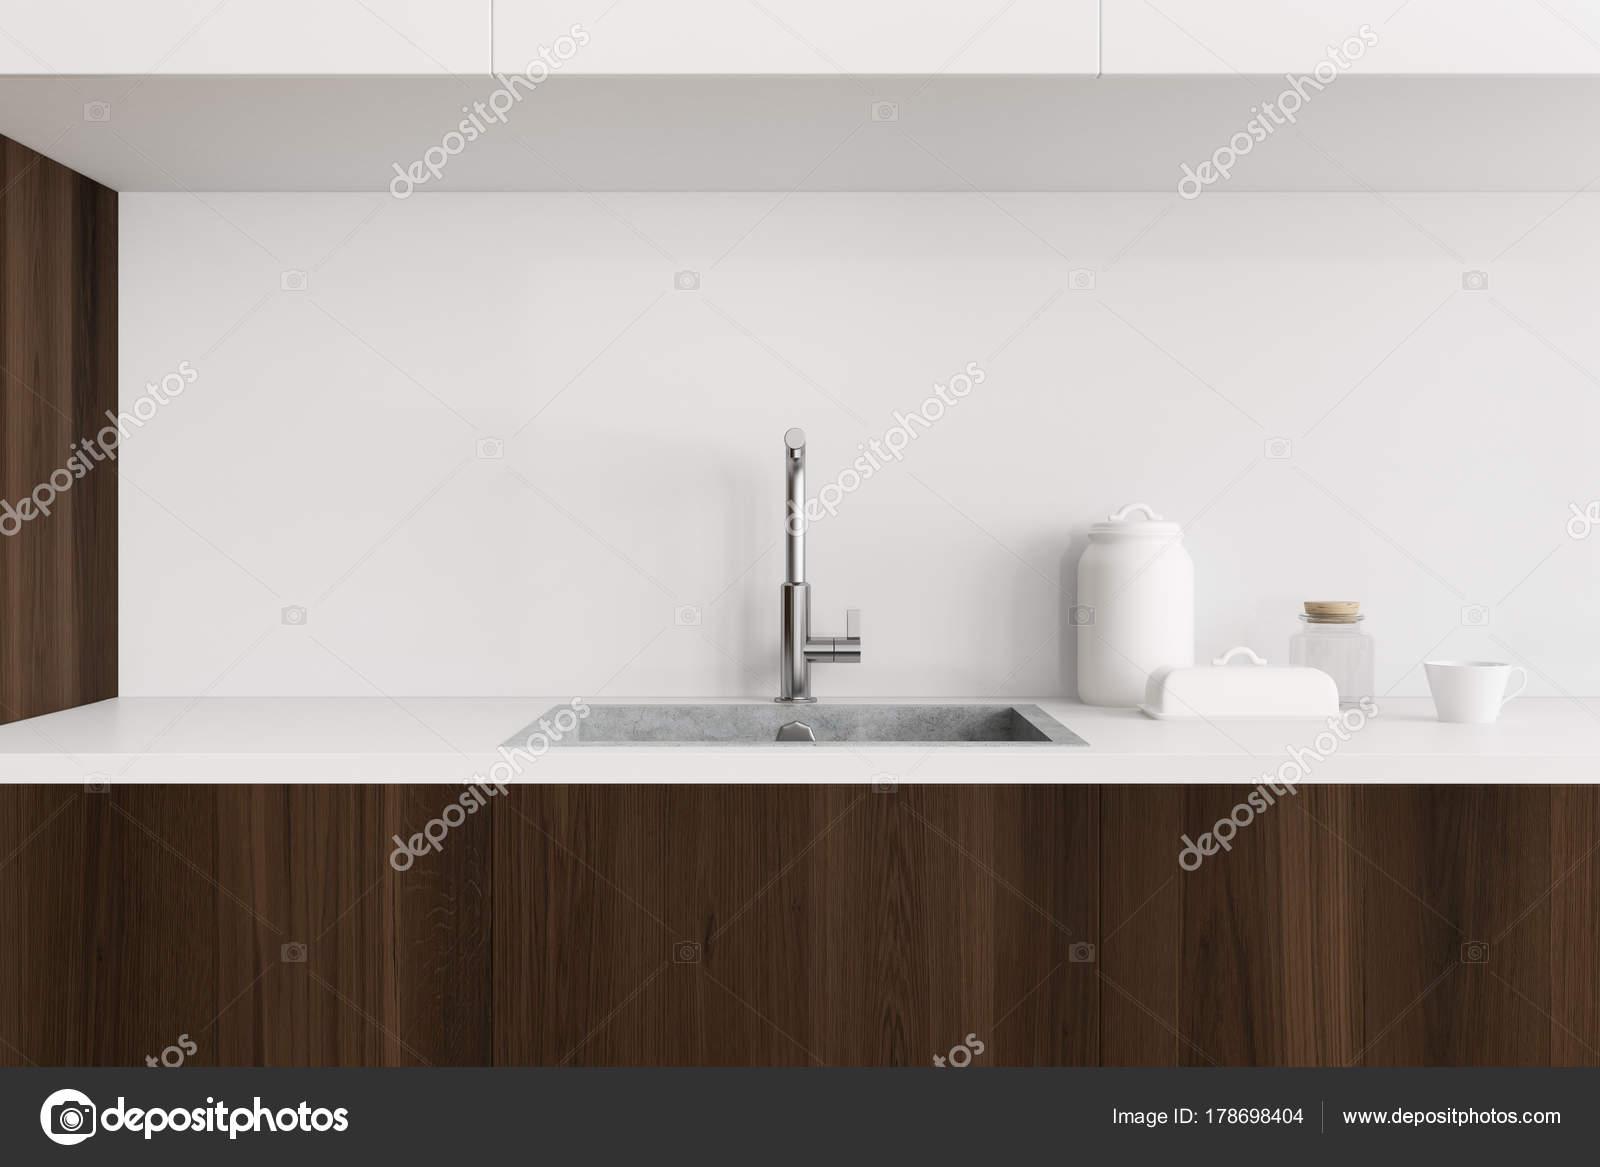 Weiß und hölzernen Küchenspüle — Stockfoto © denisismagilov #178698404